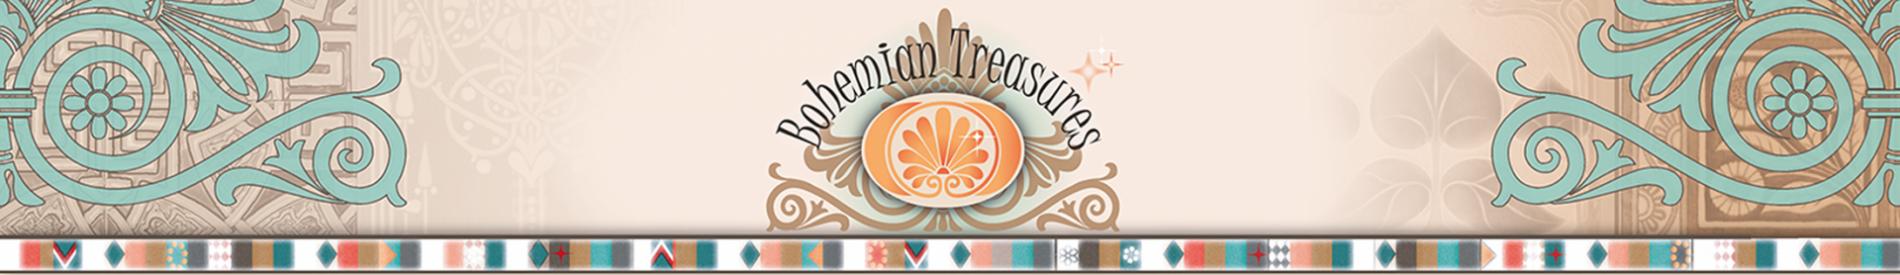 Bohemian Treasures